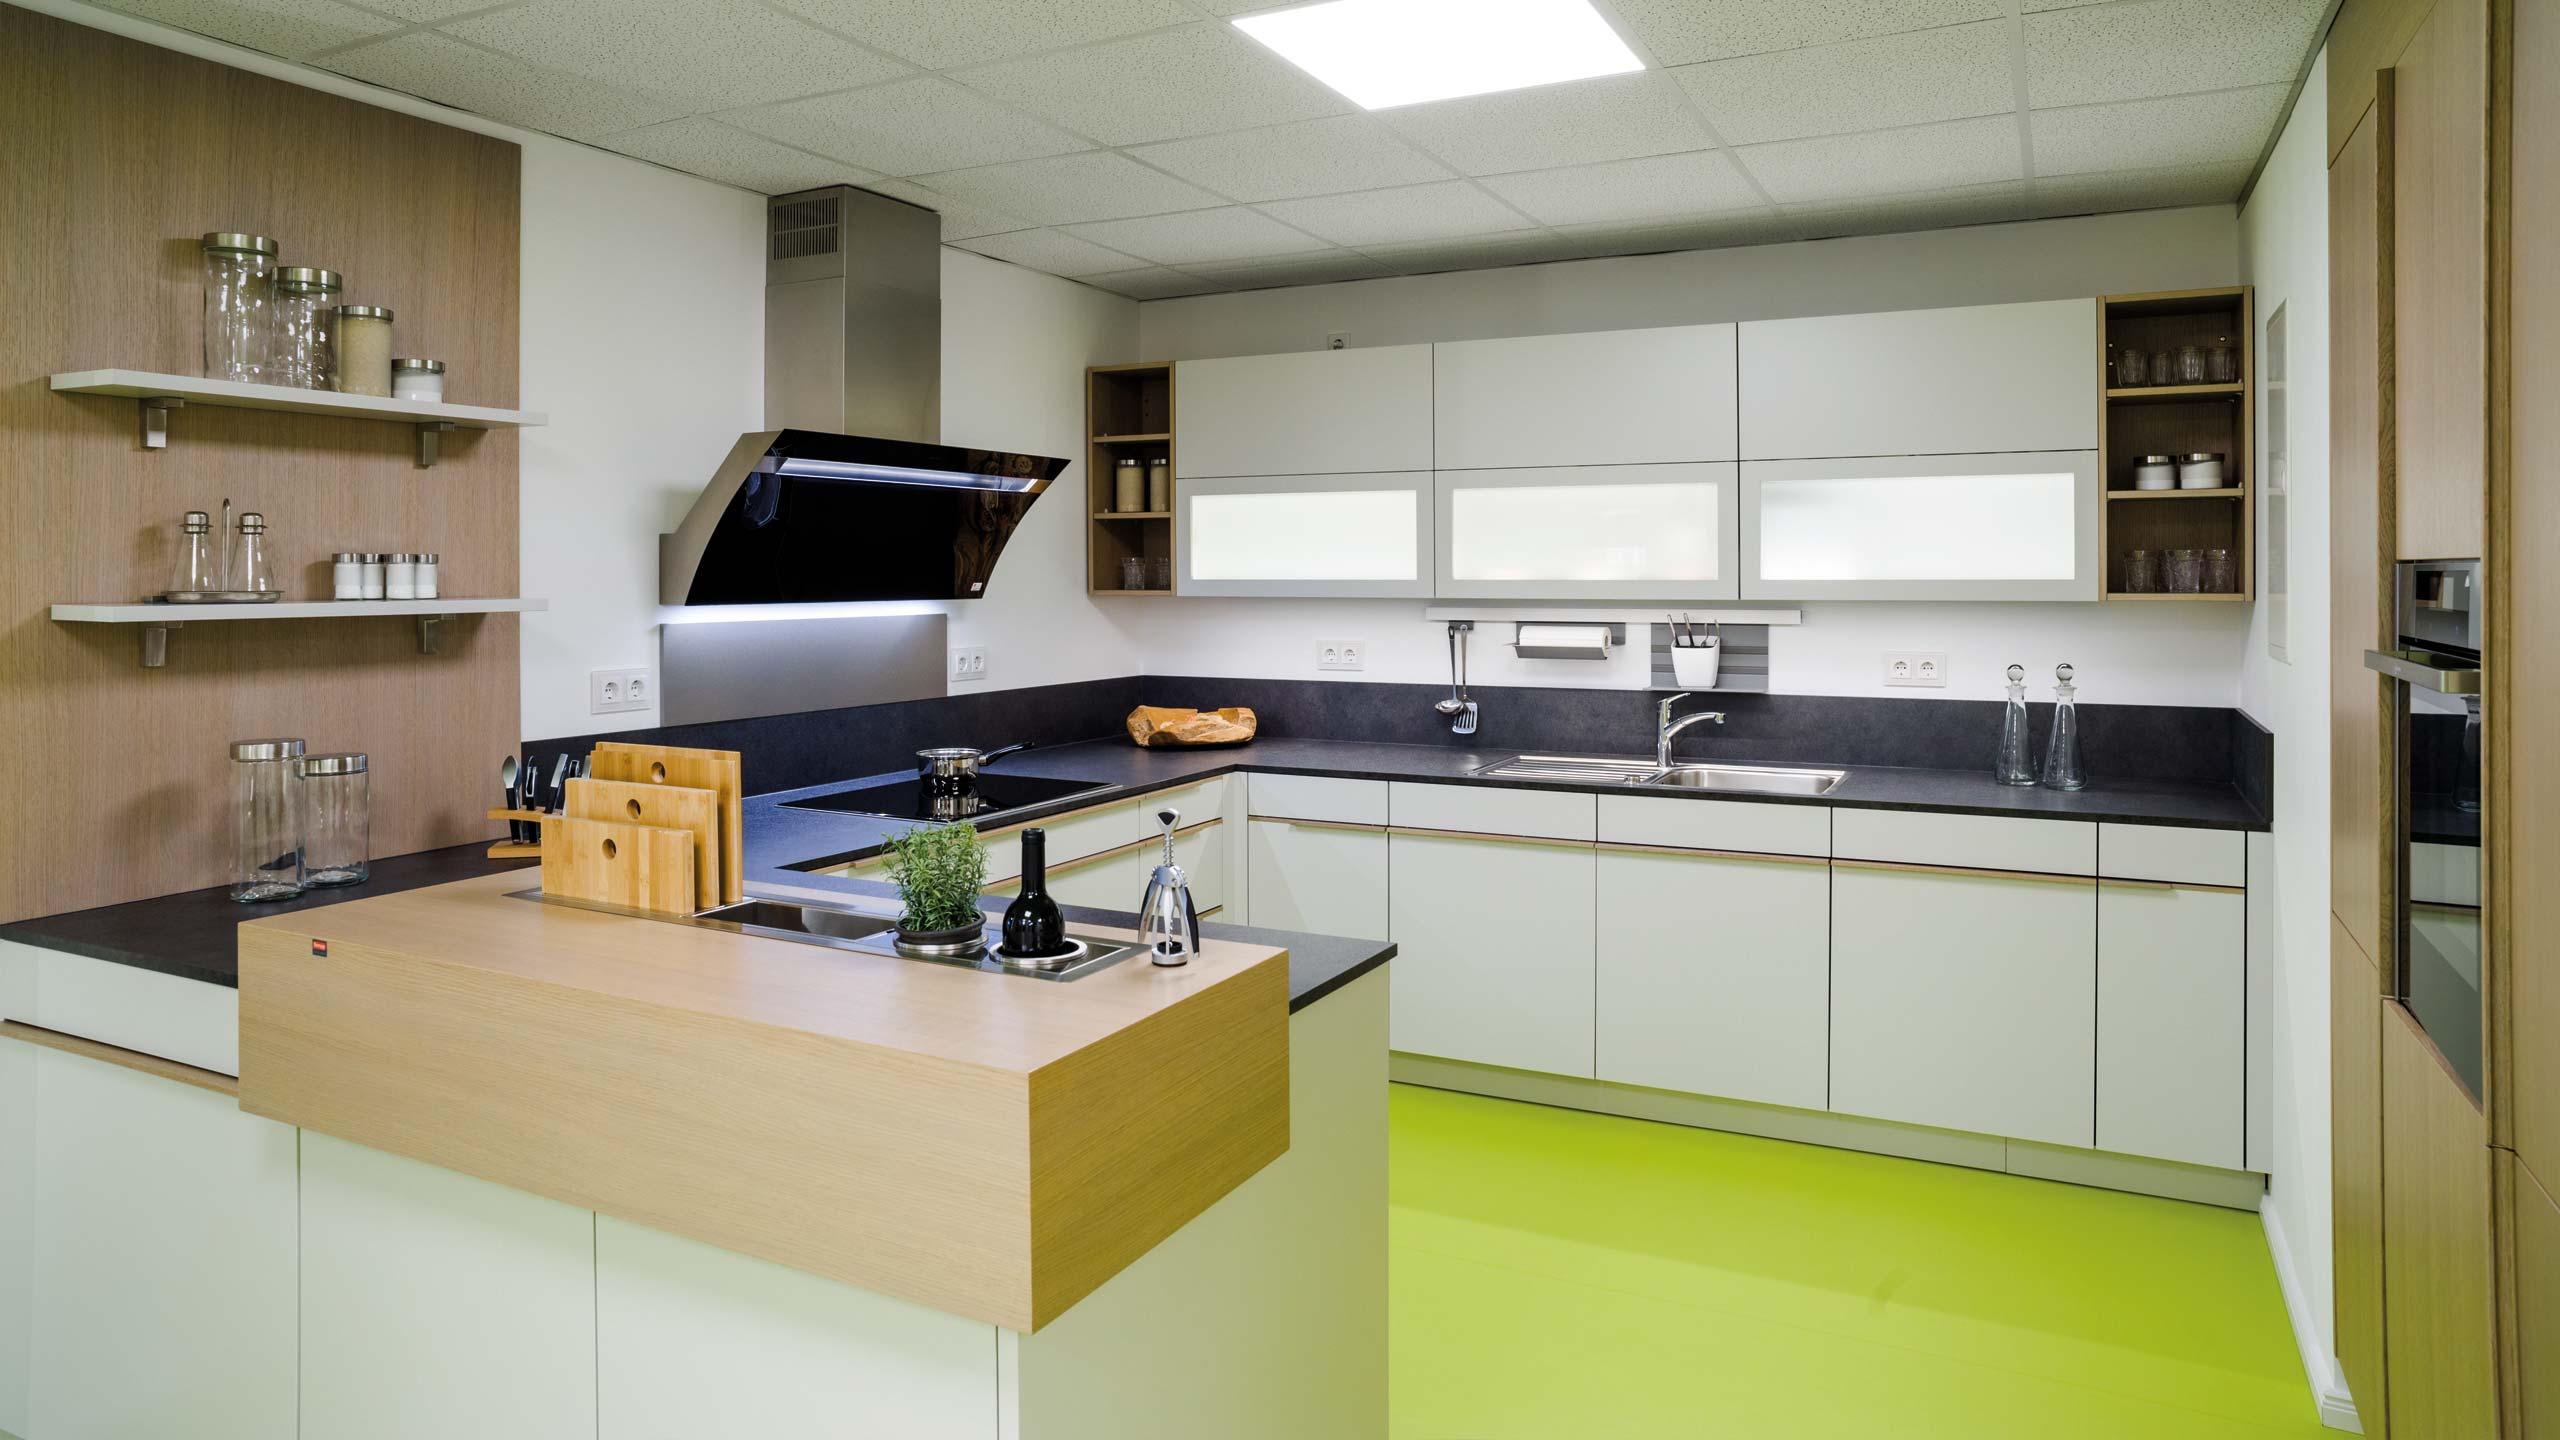 Küchenlösungen Für Kleine Küchen: Ideas